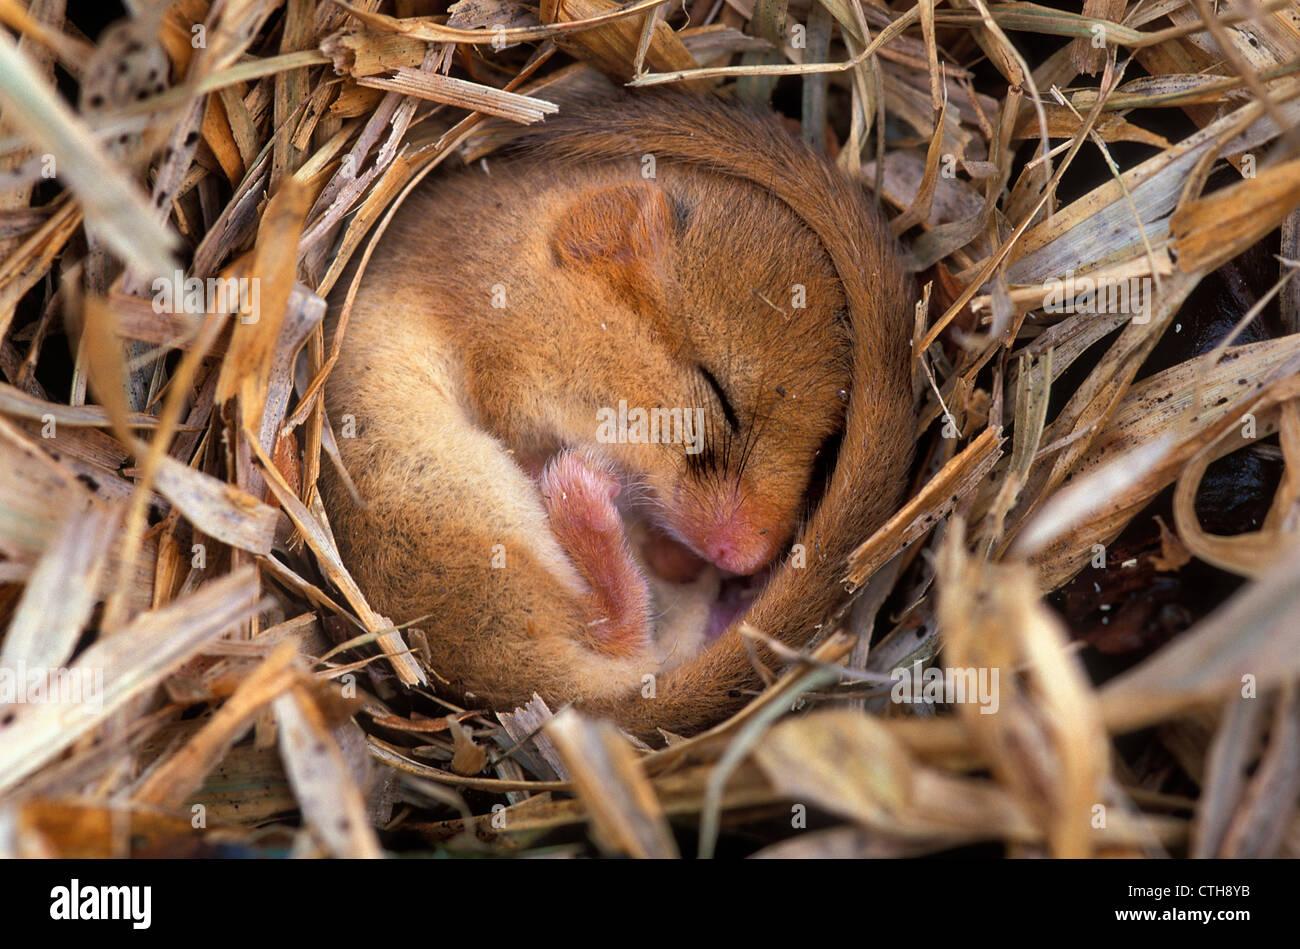 Dormouse in hibernation, Dorset, UK - Stock Image